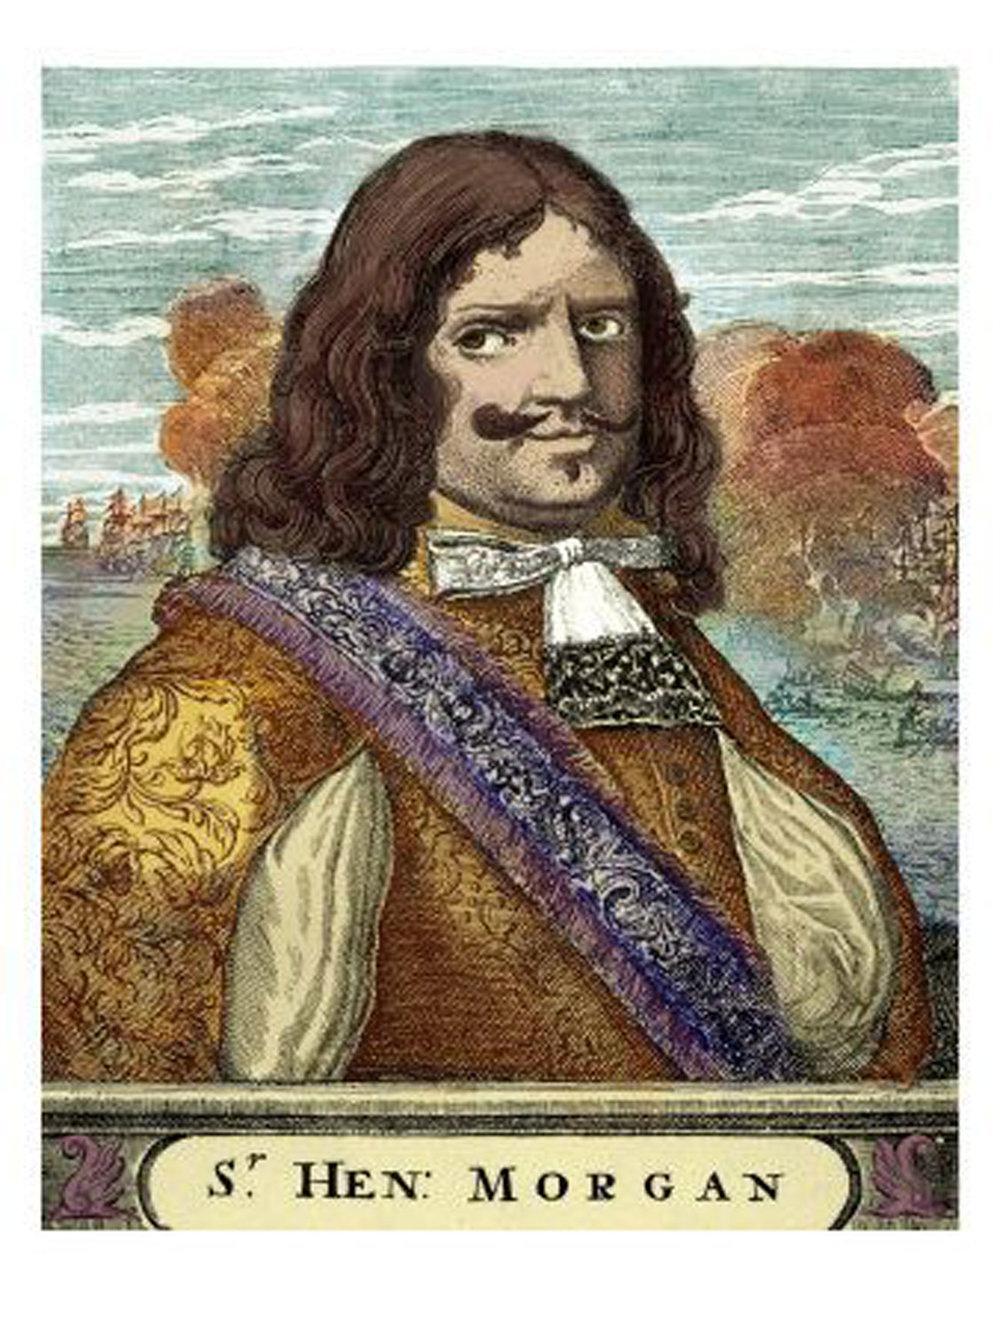 Sir Henry Morgan, a Welsh privateer:  en.wikipedia.org .